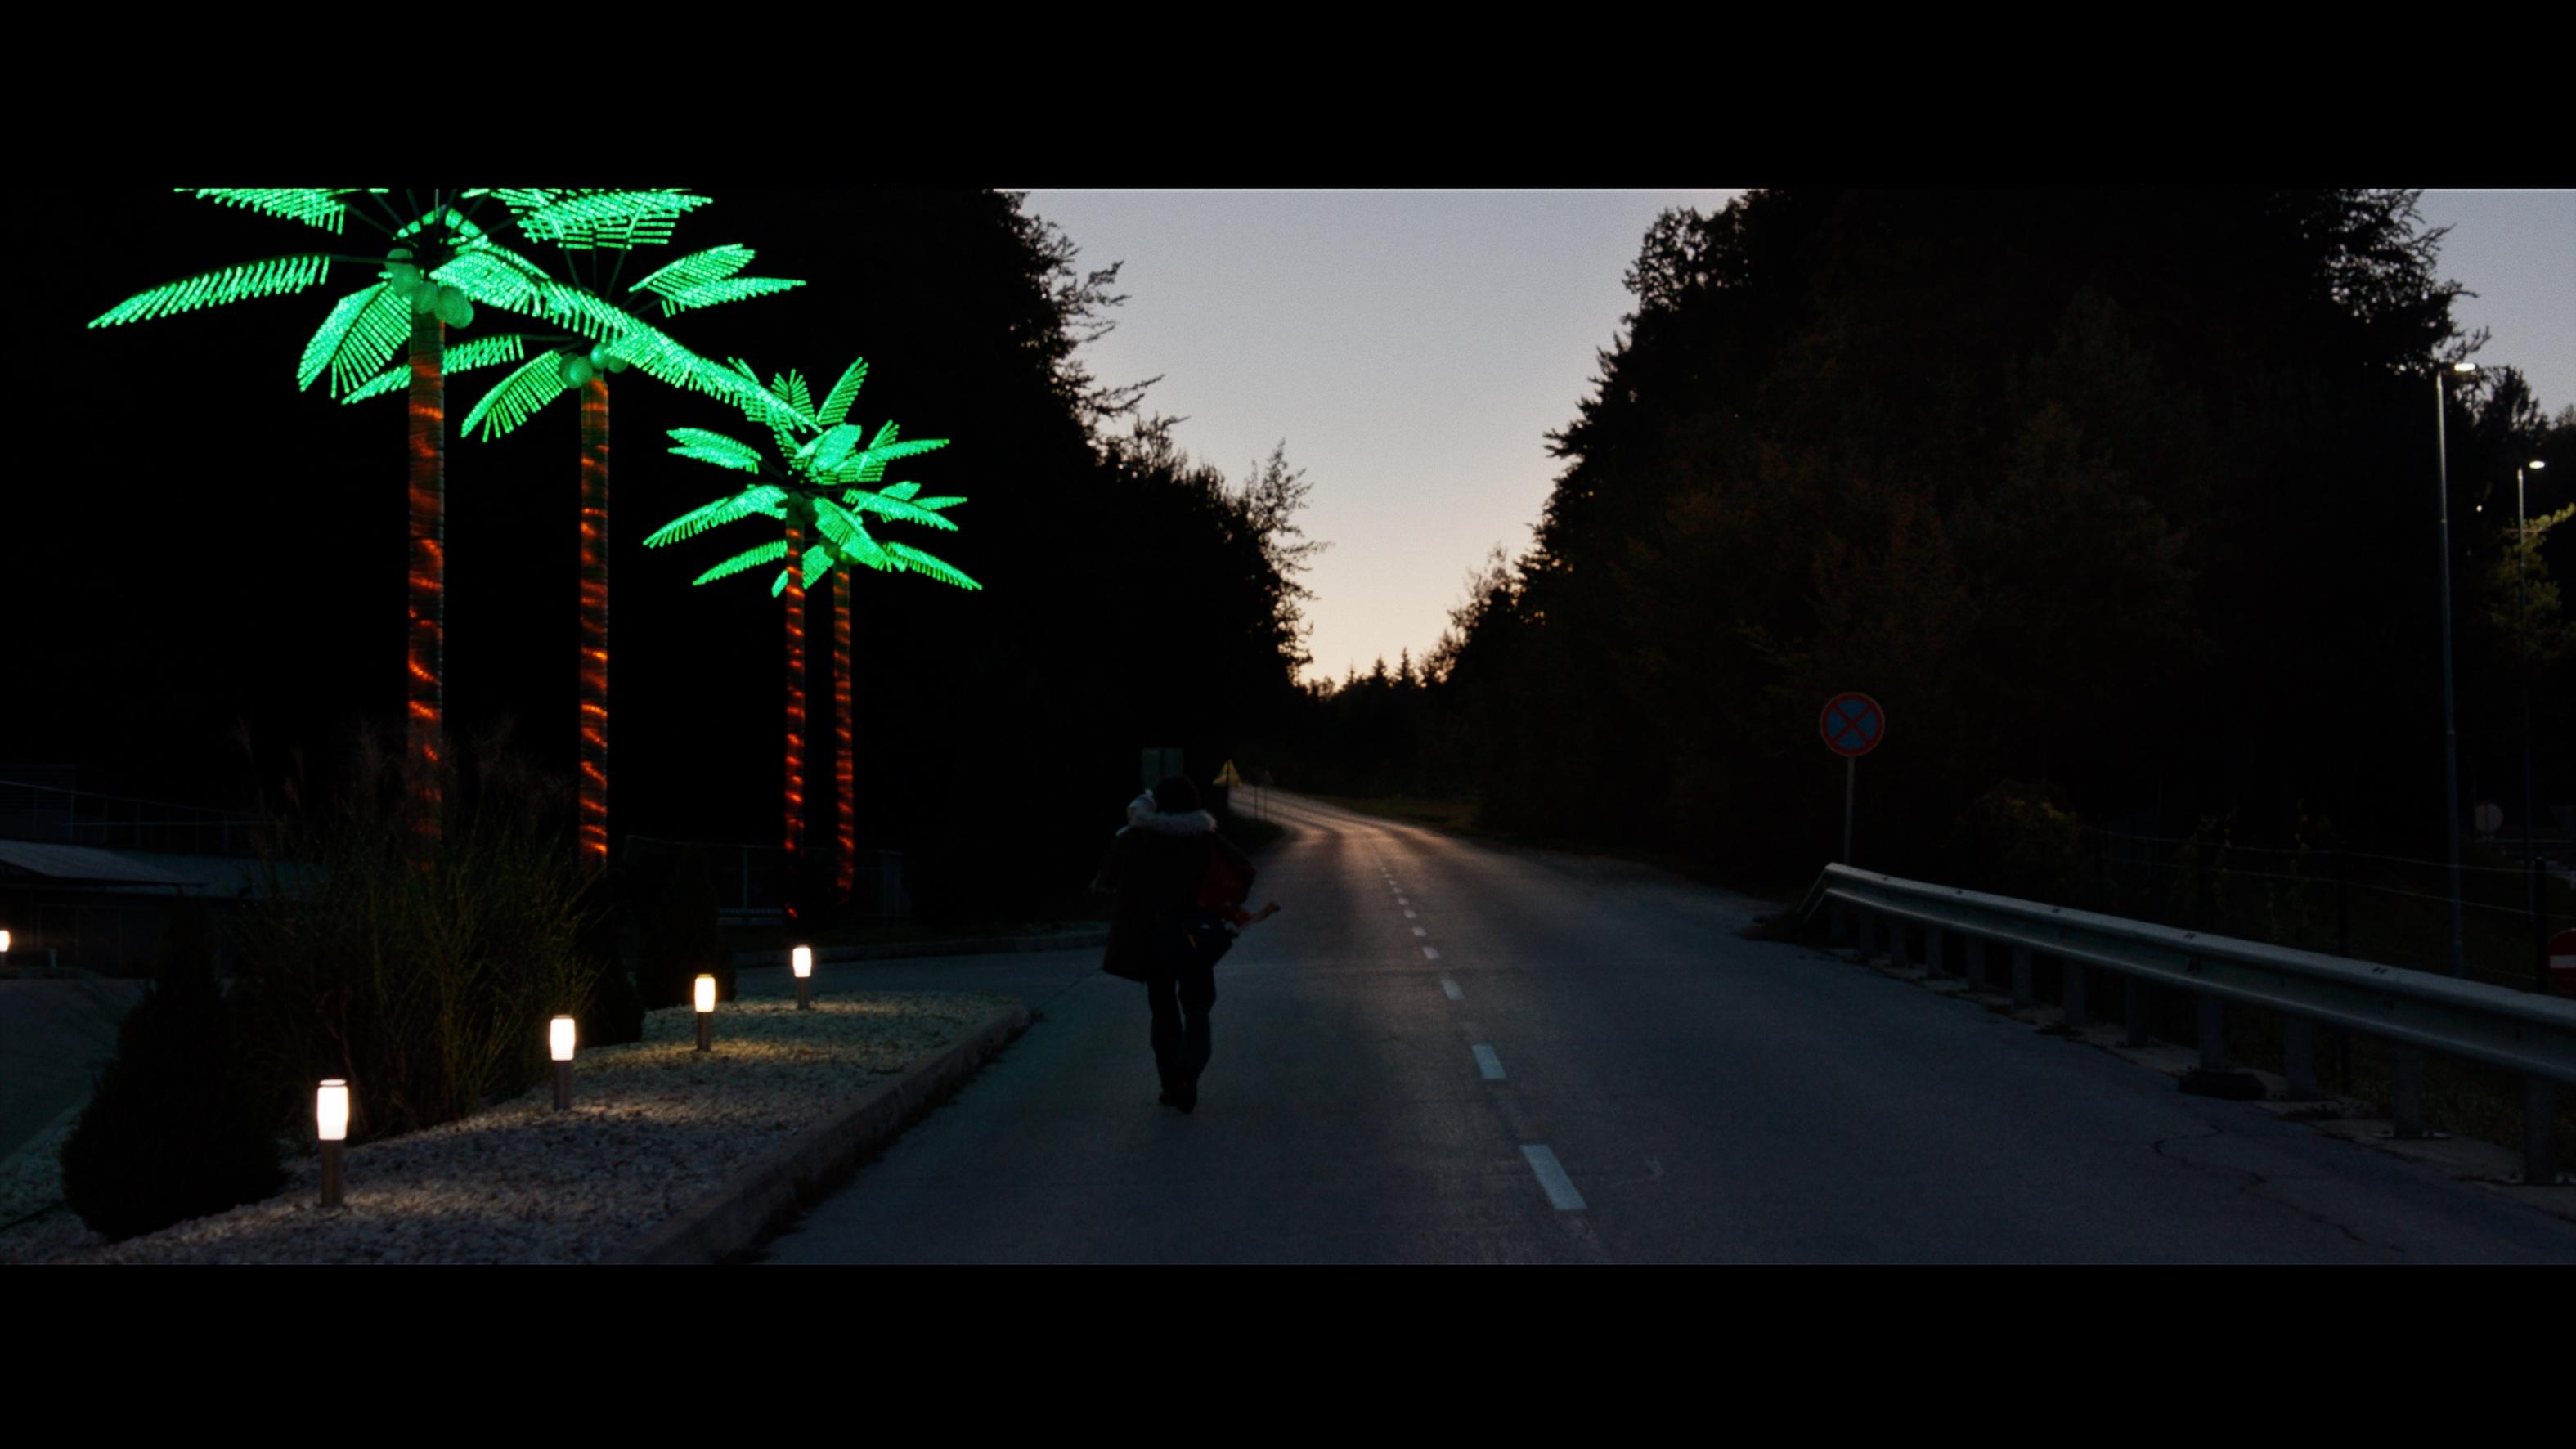 Paradise - Una nuova vita: una scena del film